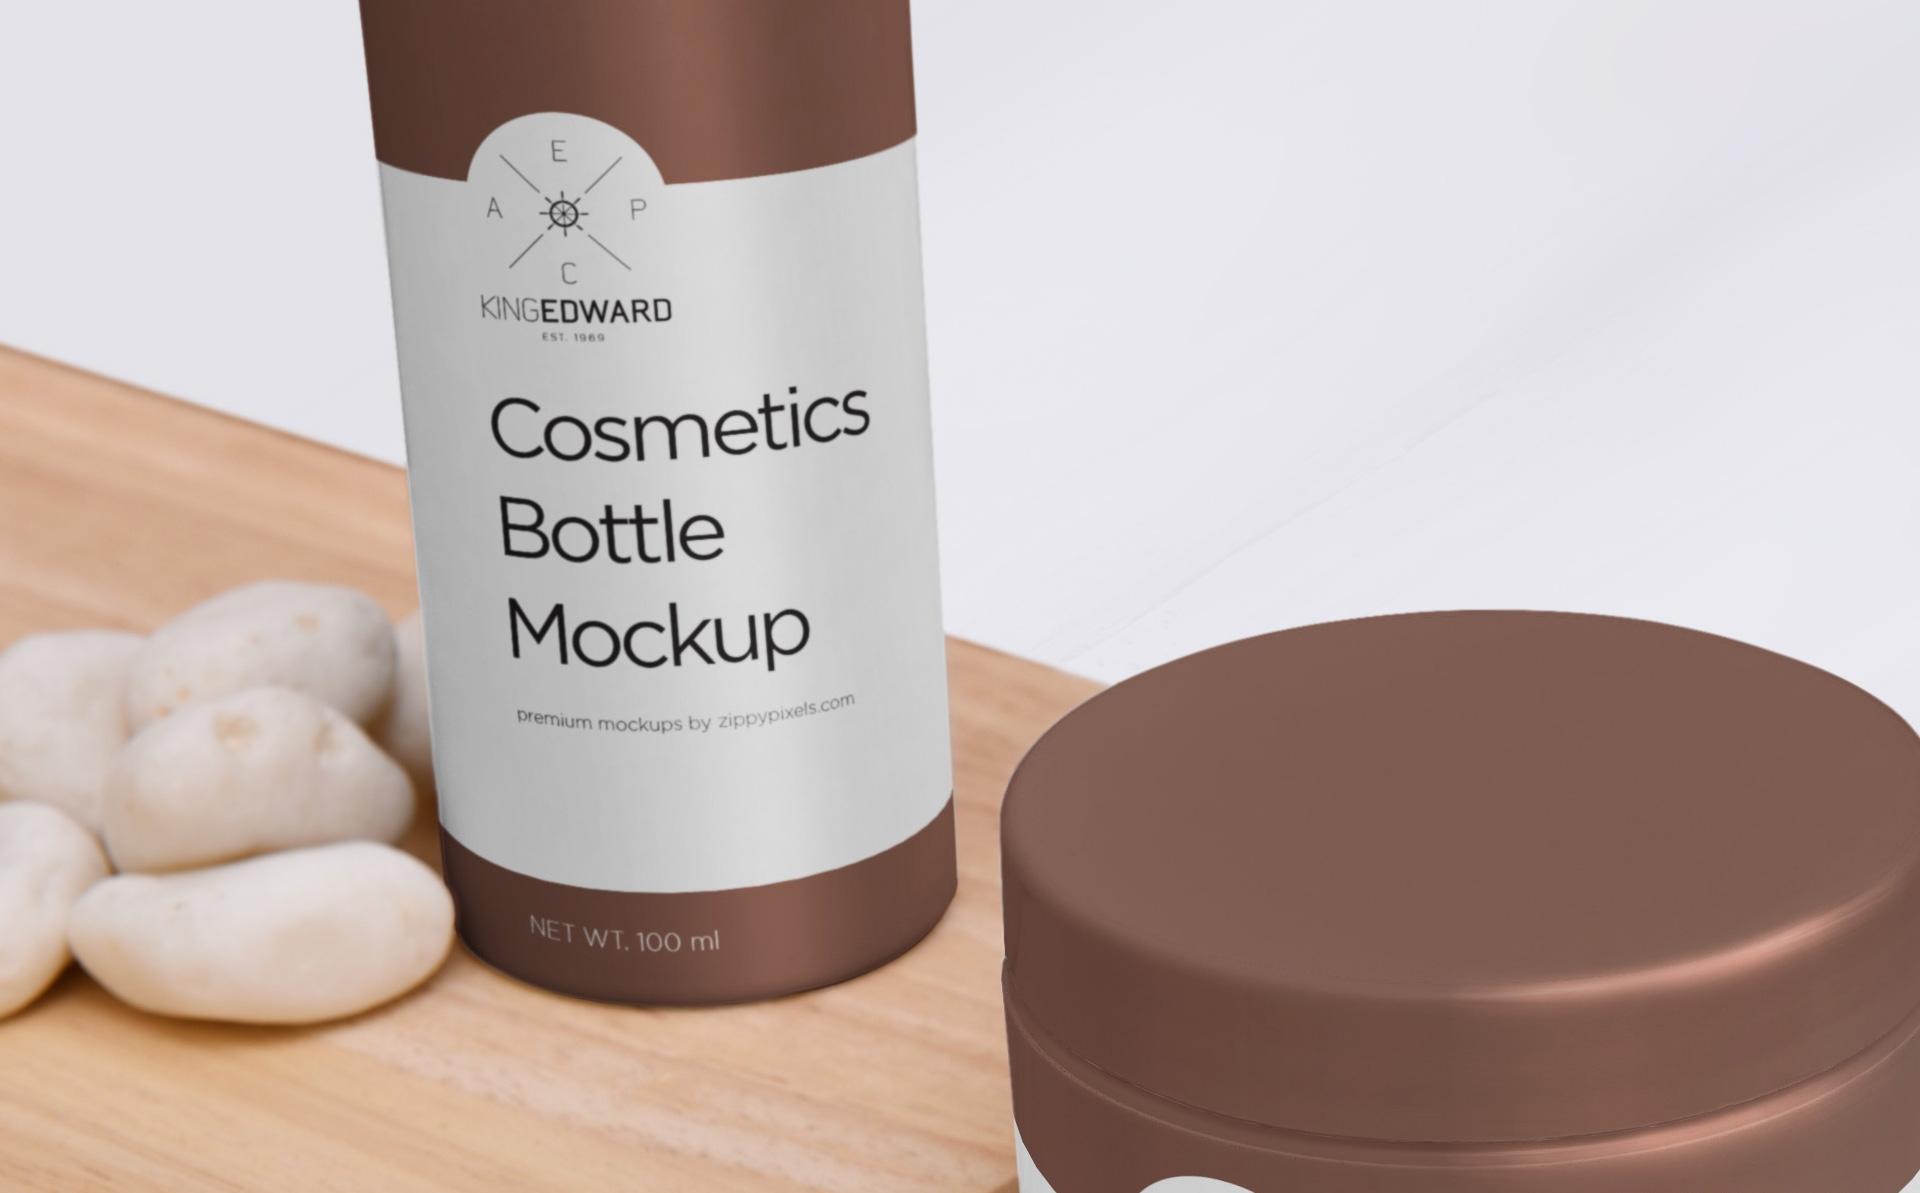 精致化妆品瓶样机组合  场景样机Cosmetic Bottle Mockup1